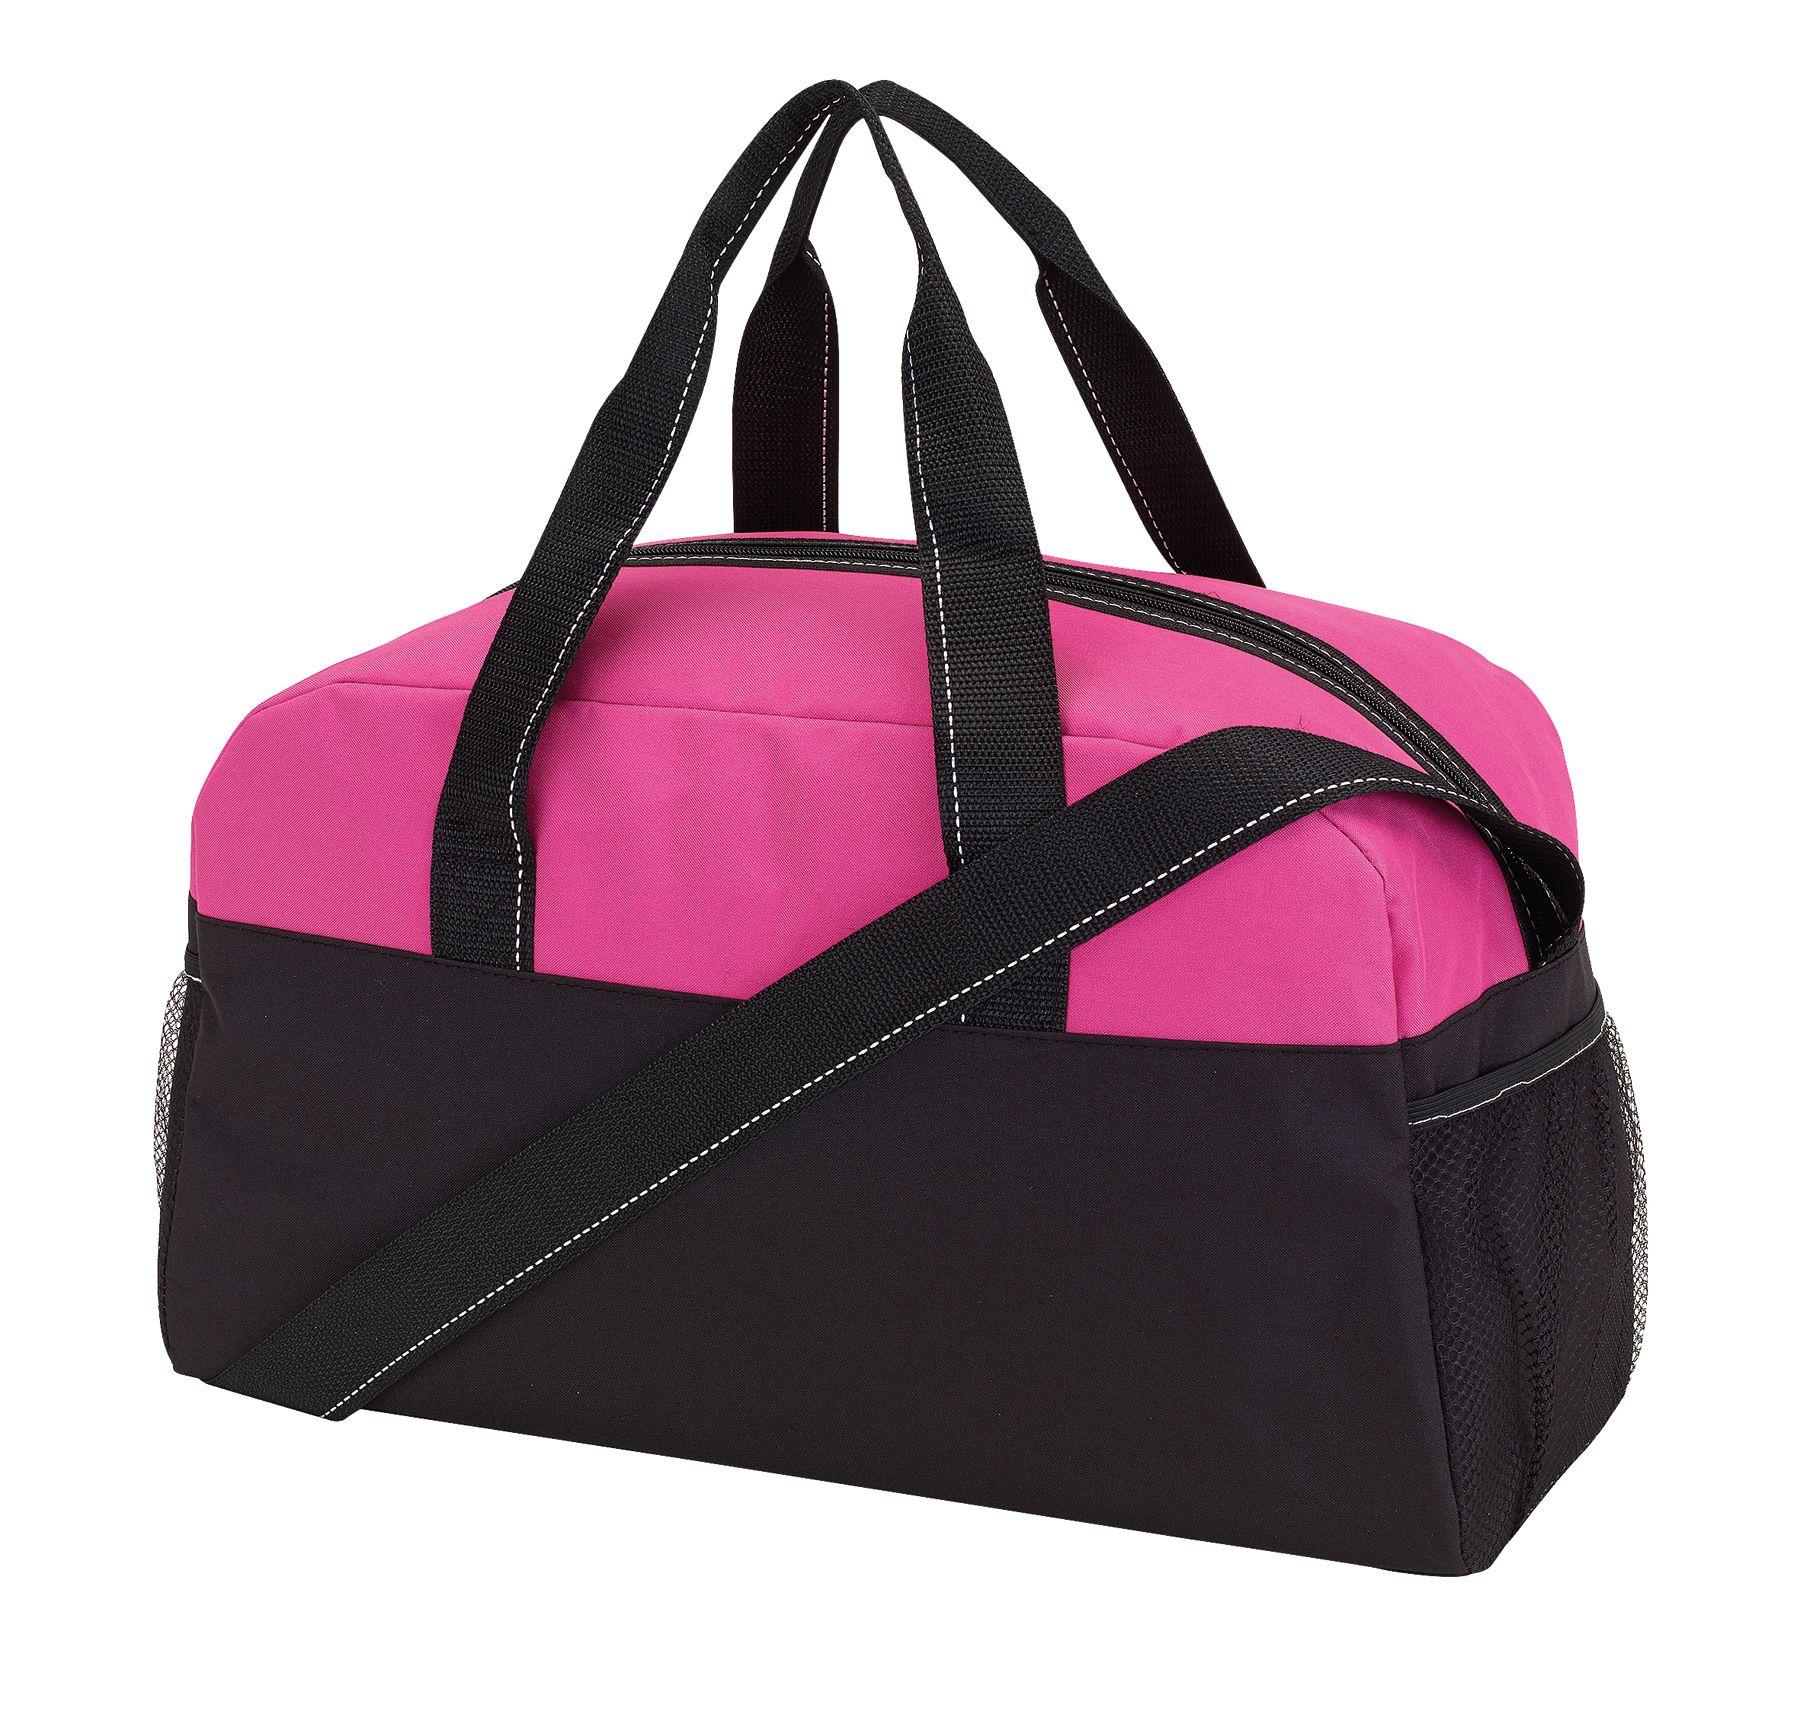 00407e5dc ... negro, rosa - Bolsas/Mochilas - Tiempo Libre - Catálogos | Merchandising  - Promocionales - Regalo de empresa - Artículos publicitarios | TGfits